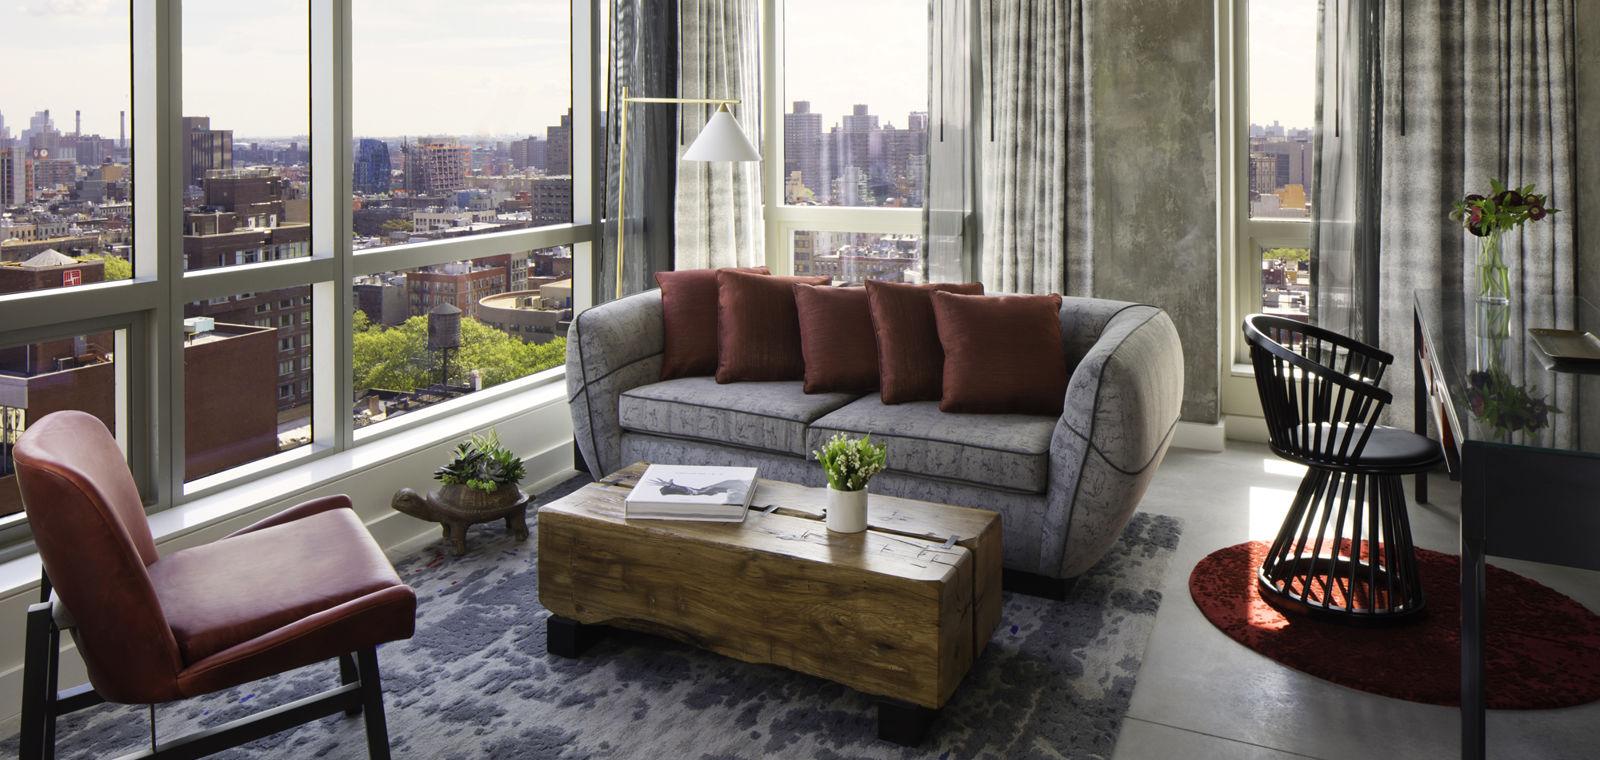 50bowery_BowerySuite_Guestroom 7